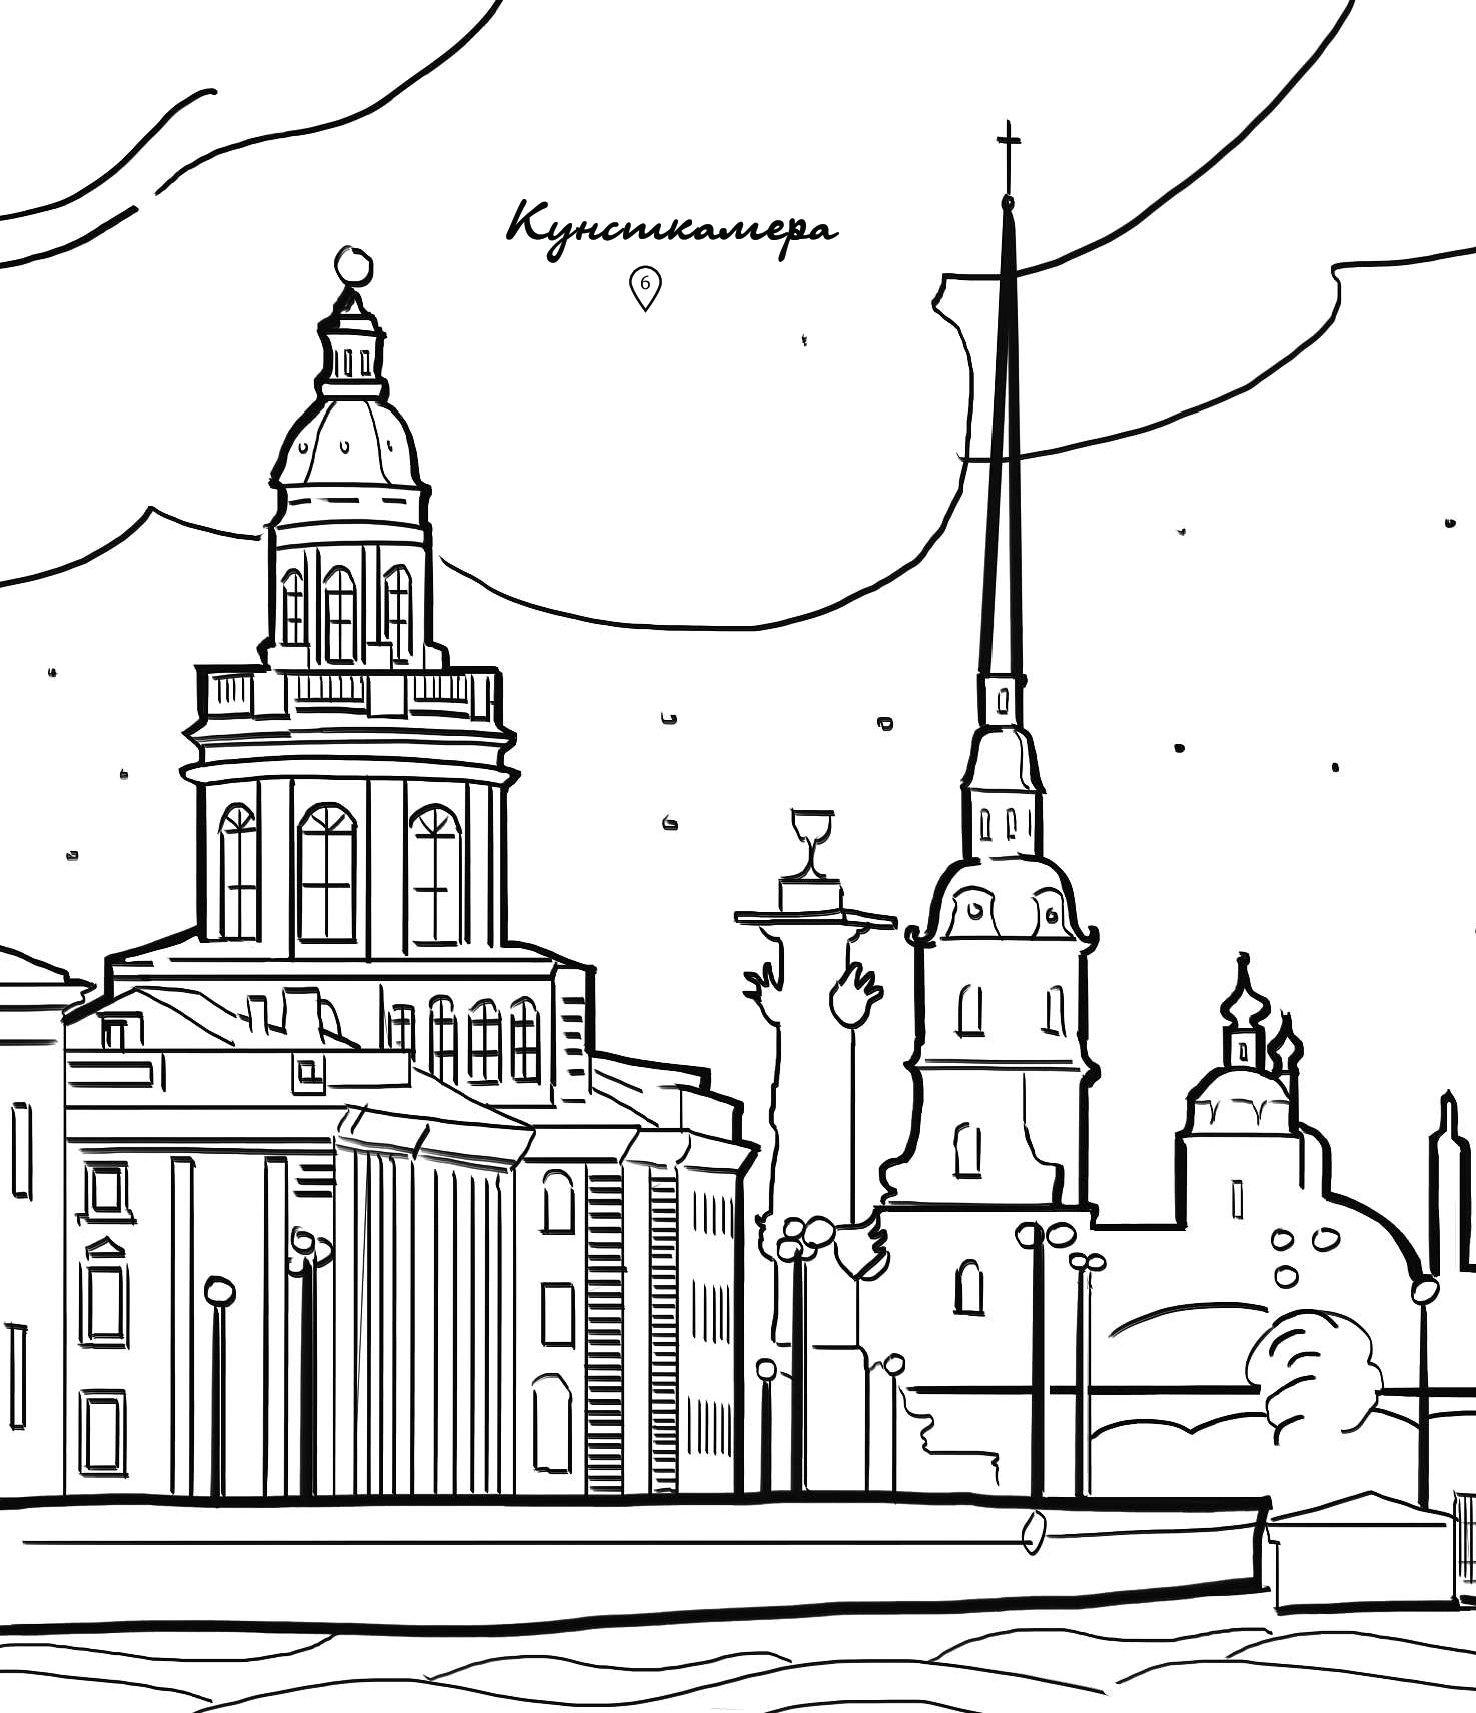 Тульский кремль картинки для разукрашивания, открытки мая